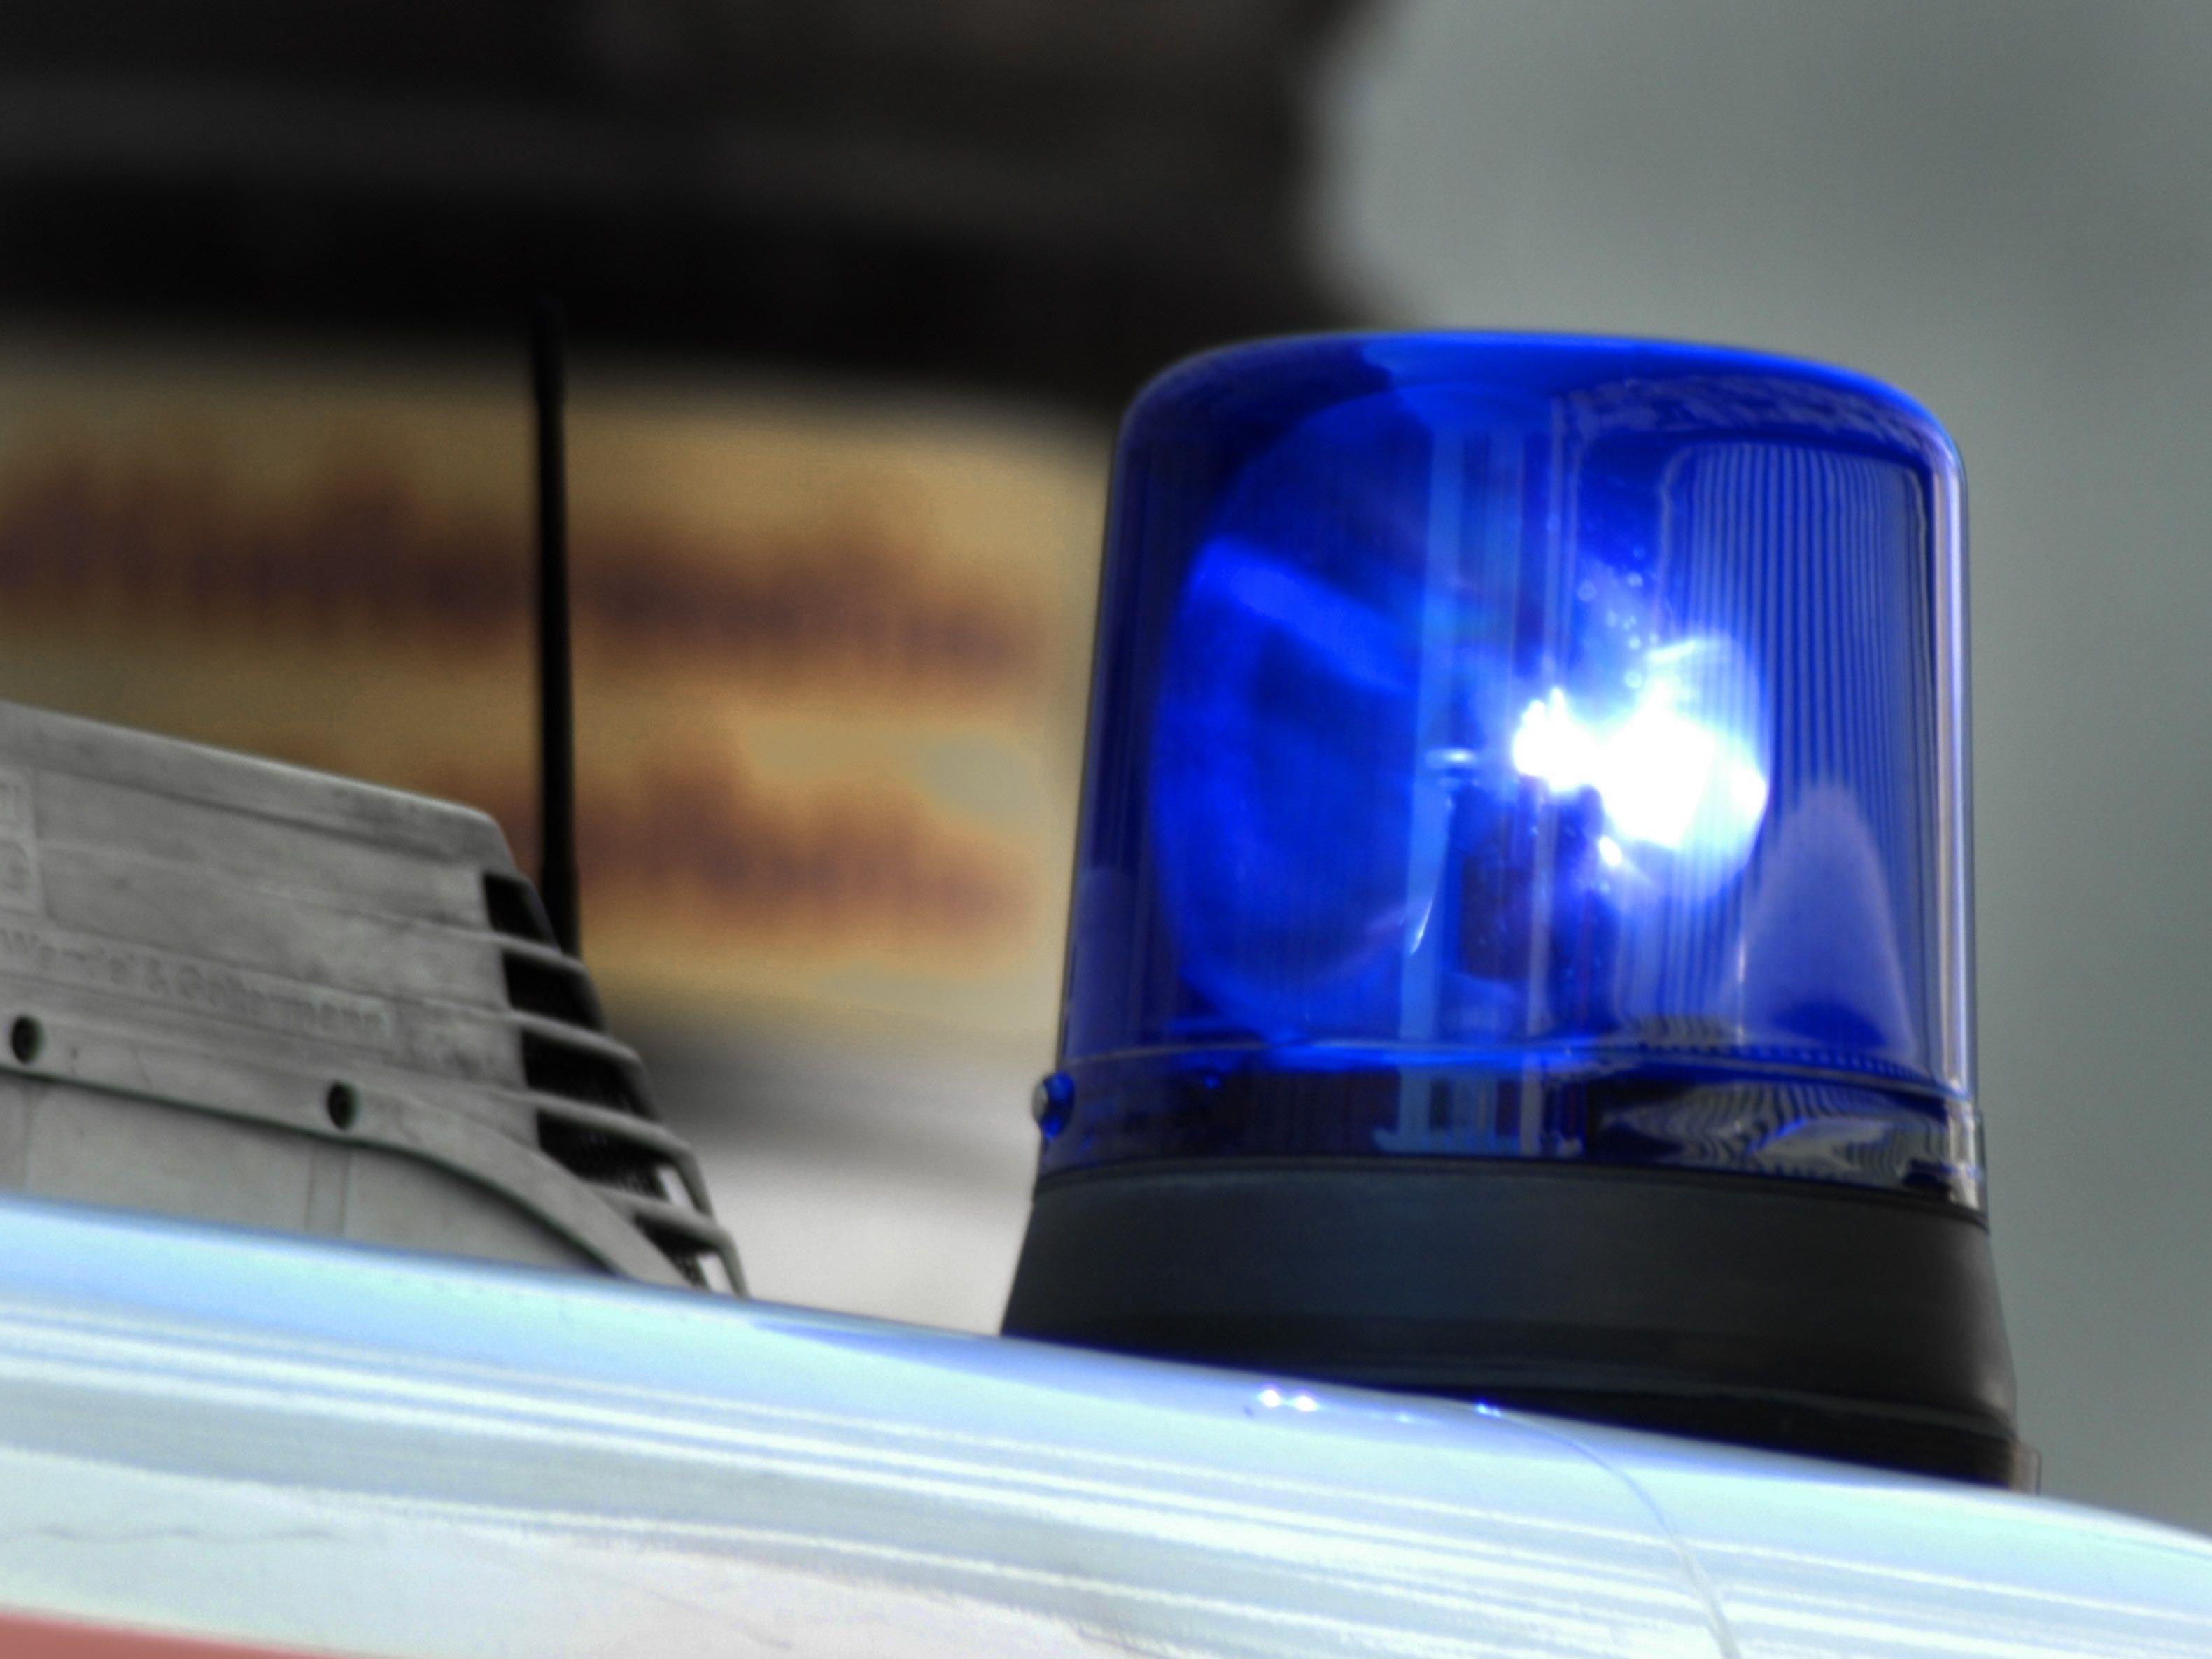 In Redlham kam der 19-Jährige von der Straße ab und prallte frontal gegen eine steil aufsteigende Böschung.